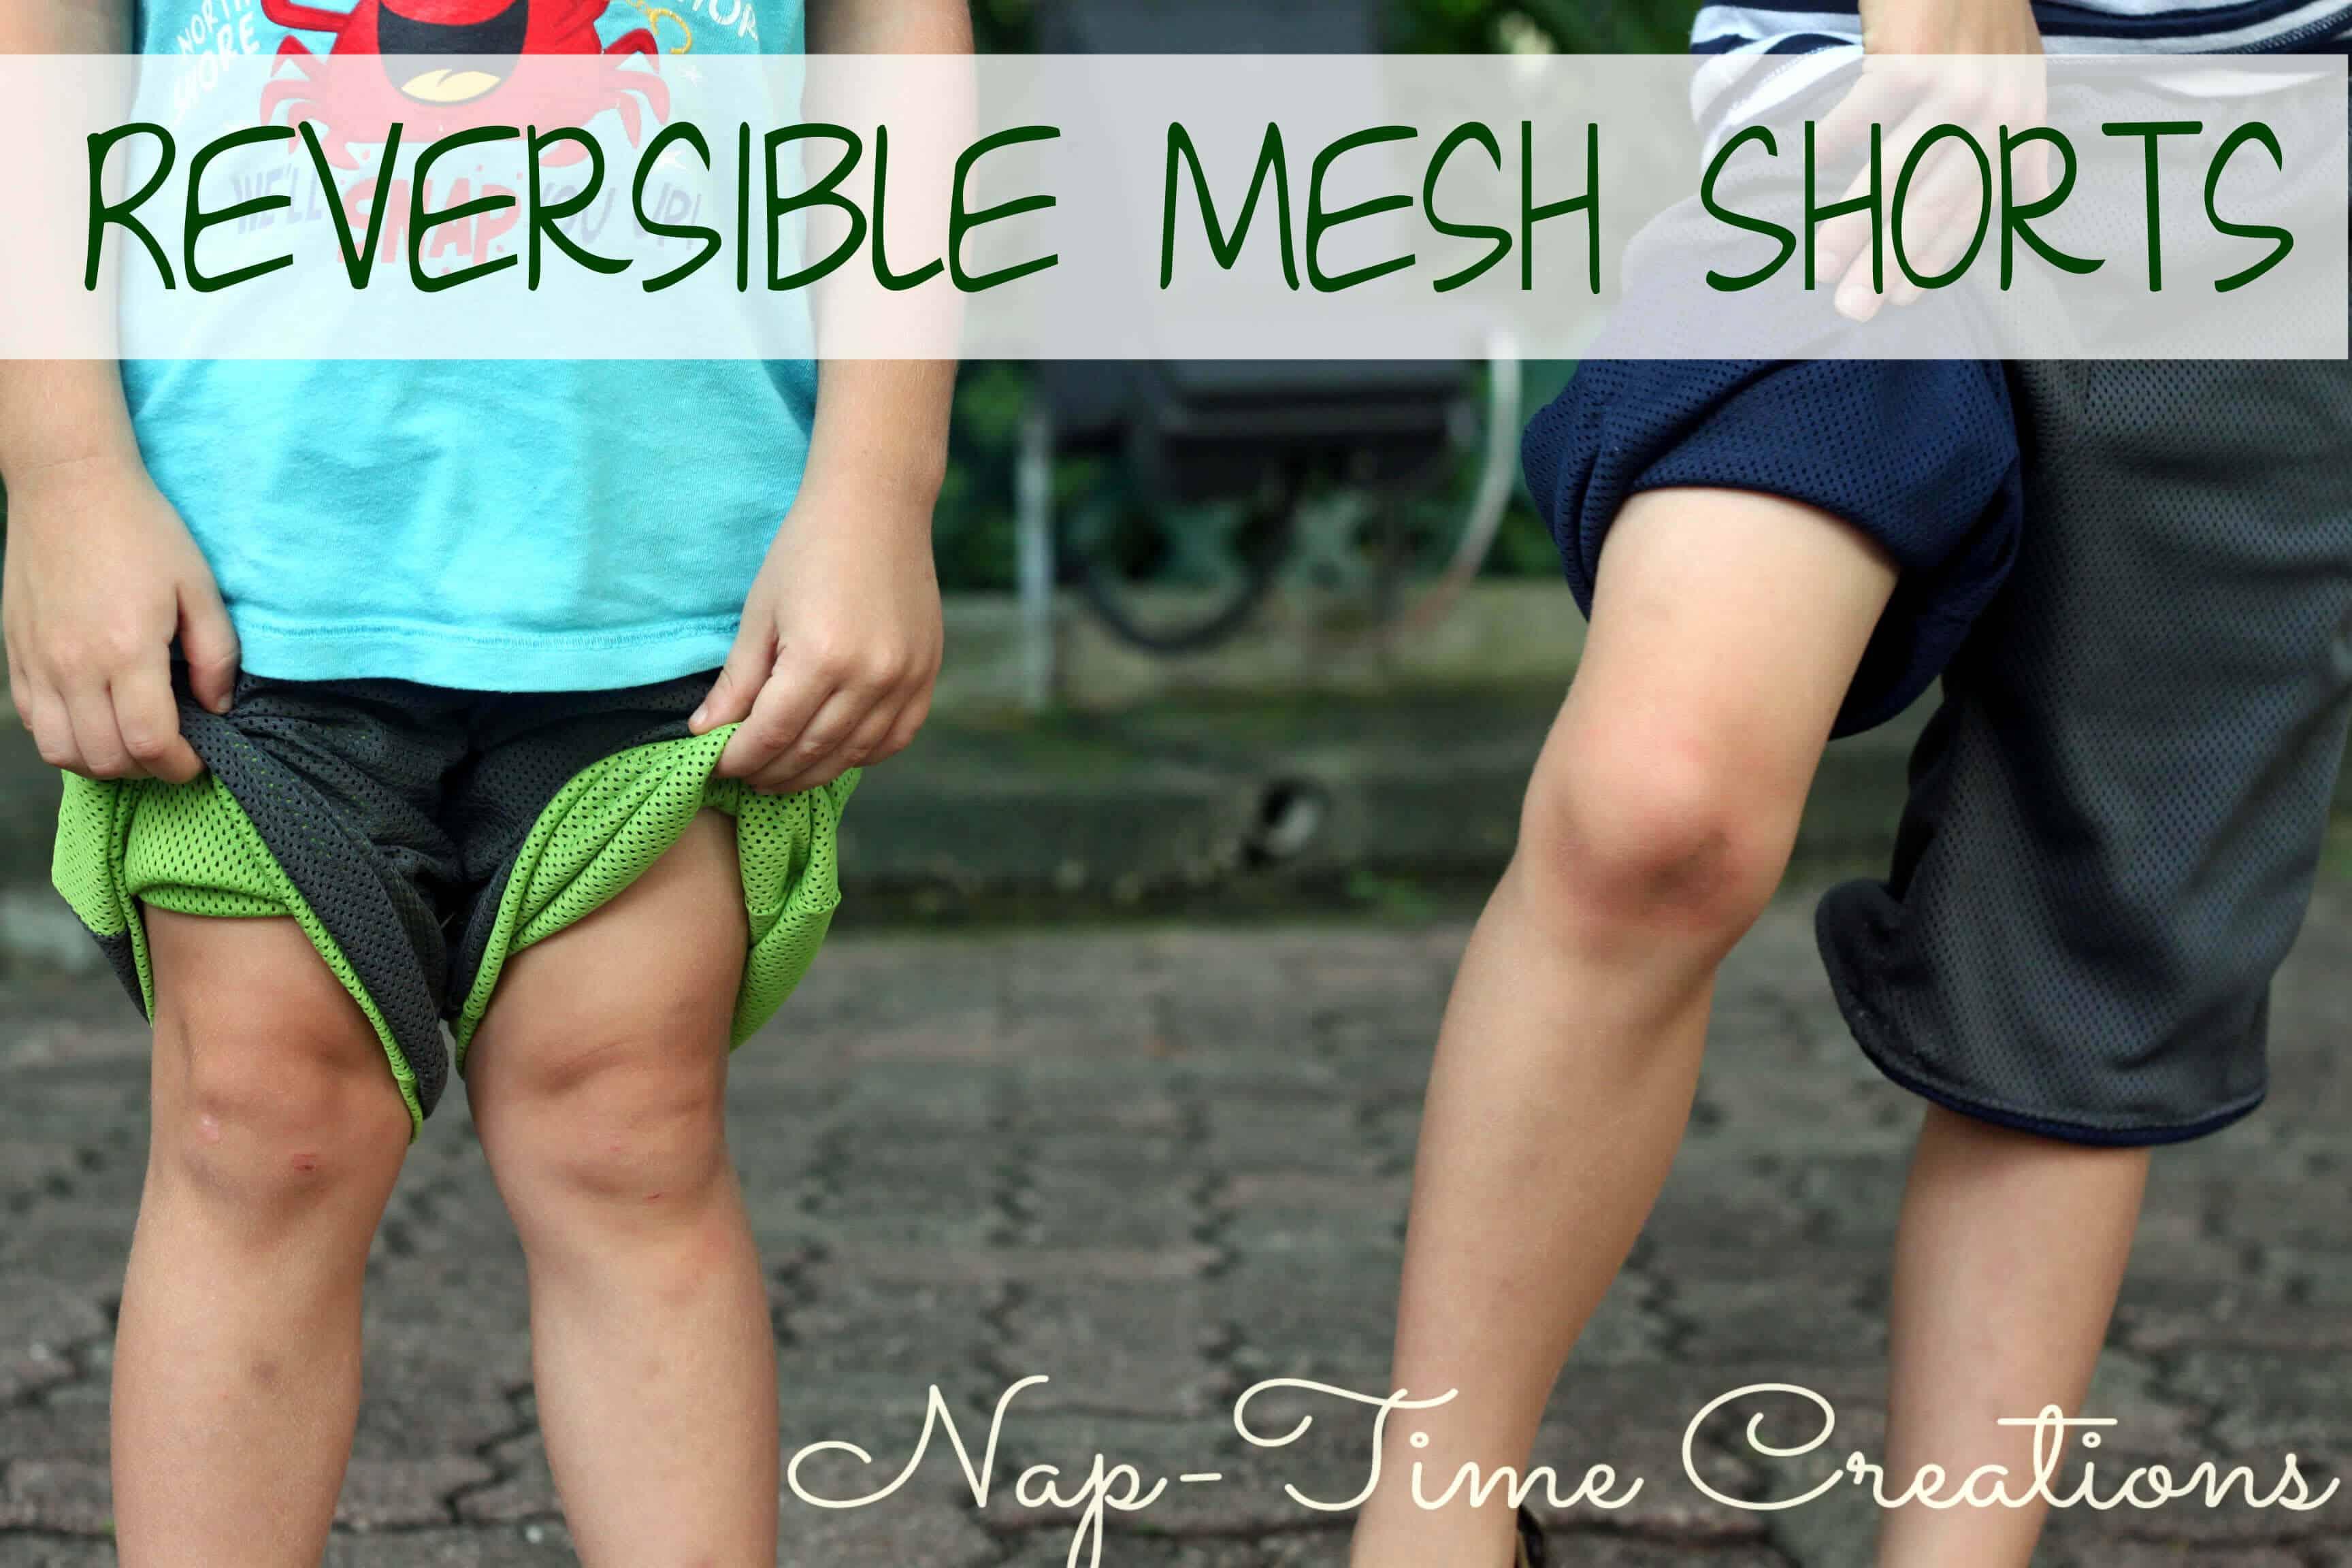 Reversbile mesh shorts